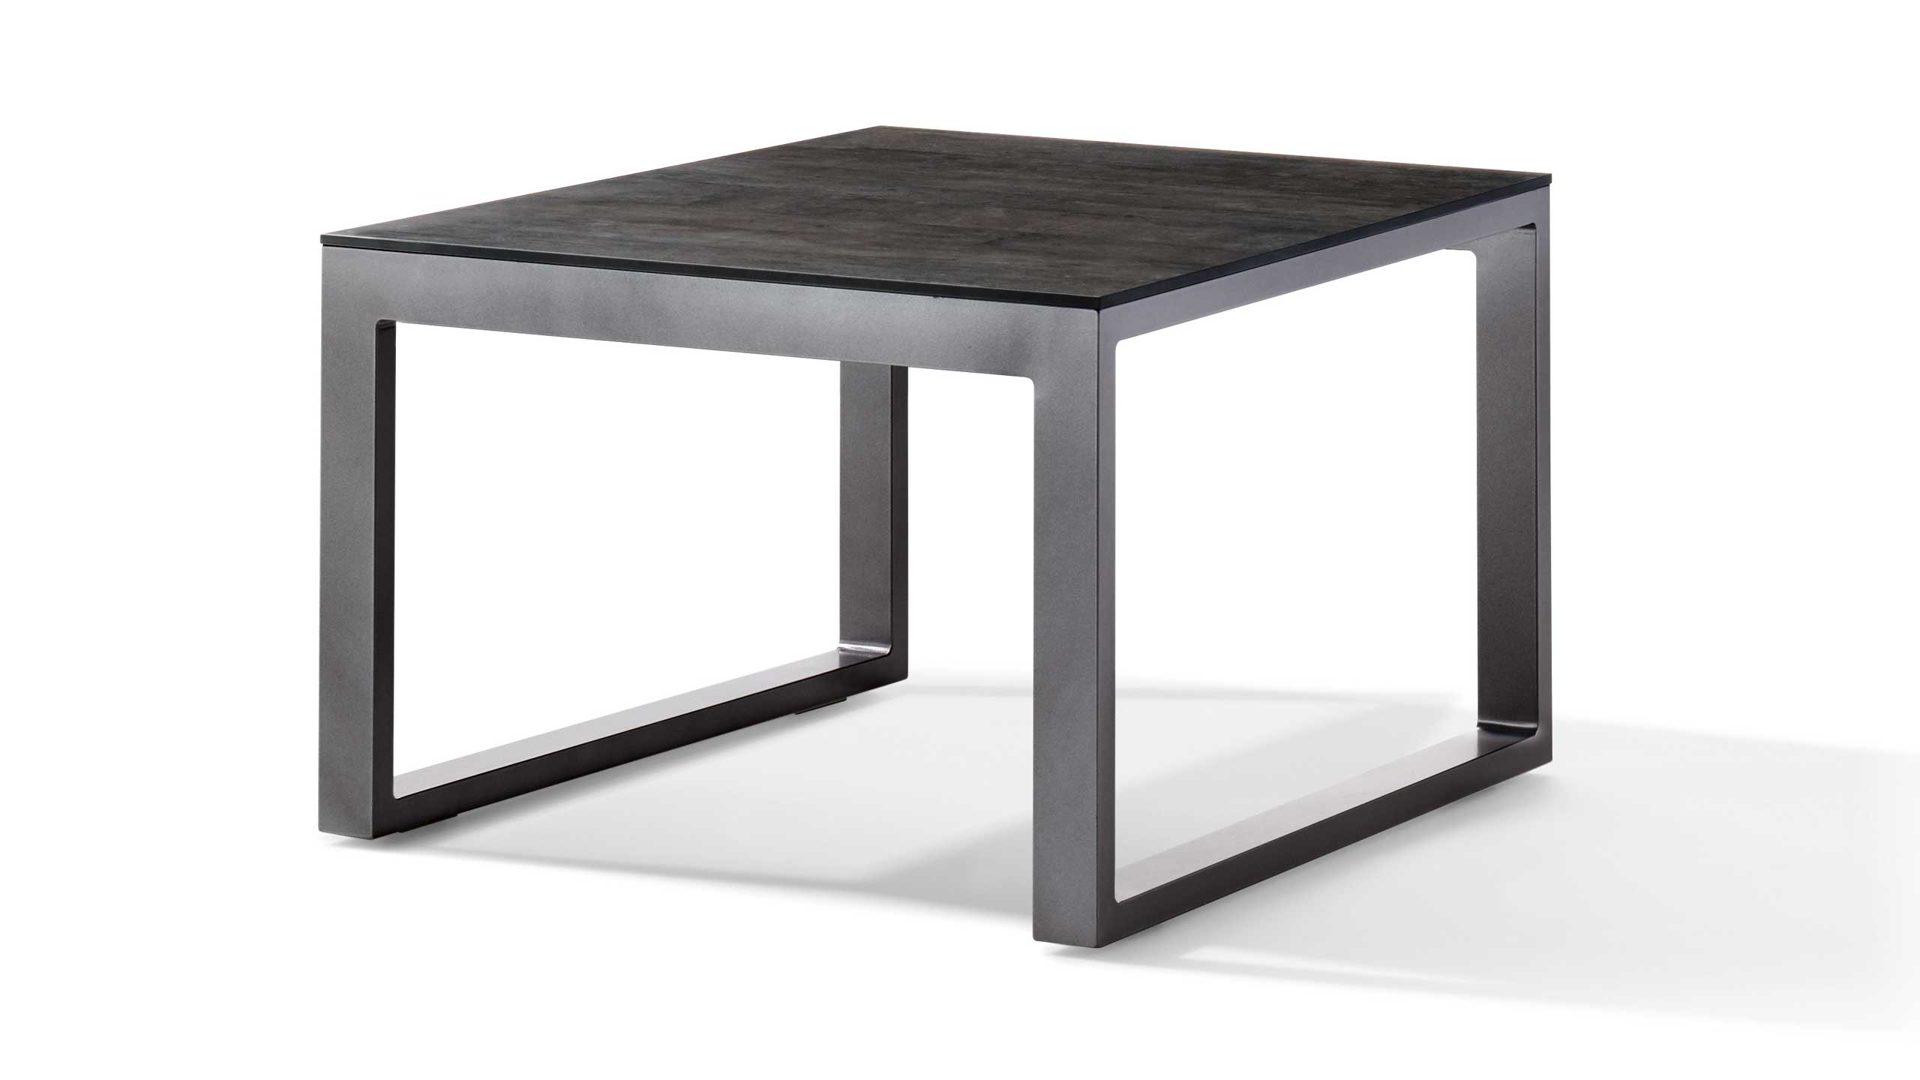 Beautiful Loungembel Sieger In Grau Sieger Exclusiv Loungetisch Tisch  Havanna Gartentisch G Gestell Aluminium Eisengrau With Sieger Gartentisch  Klappbar